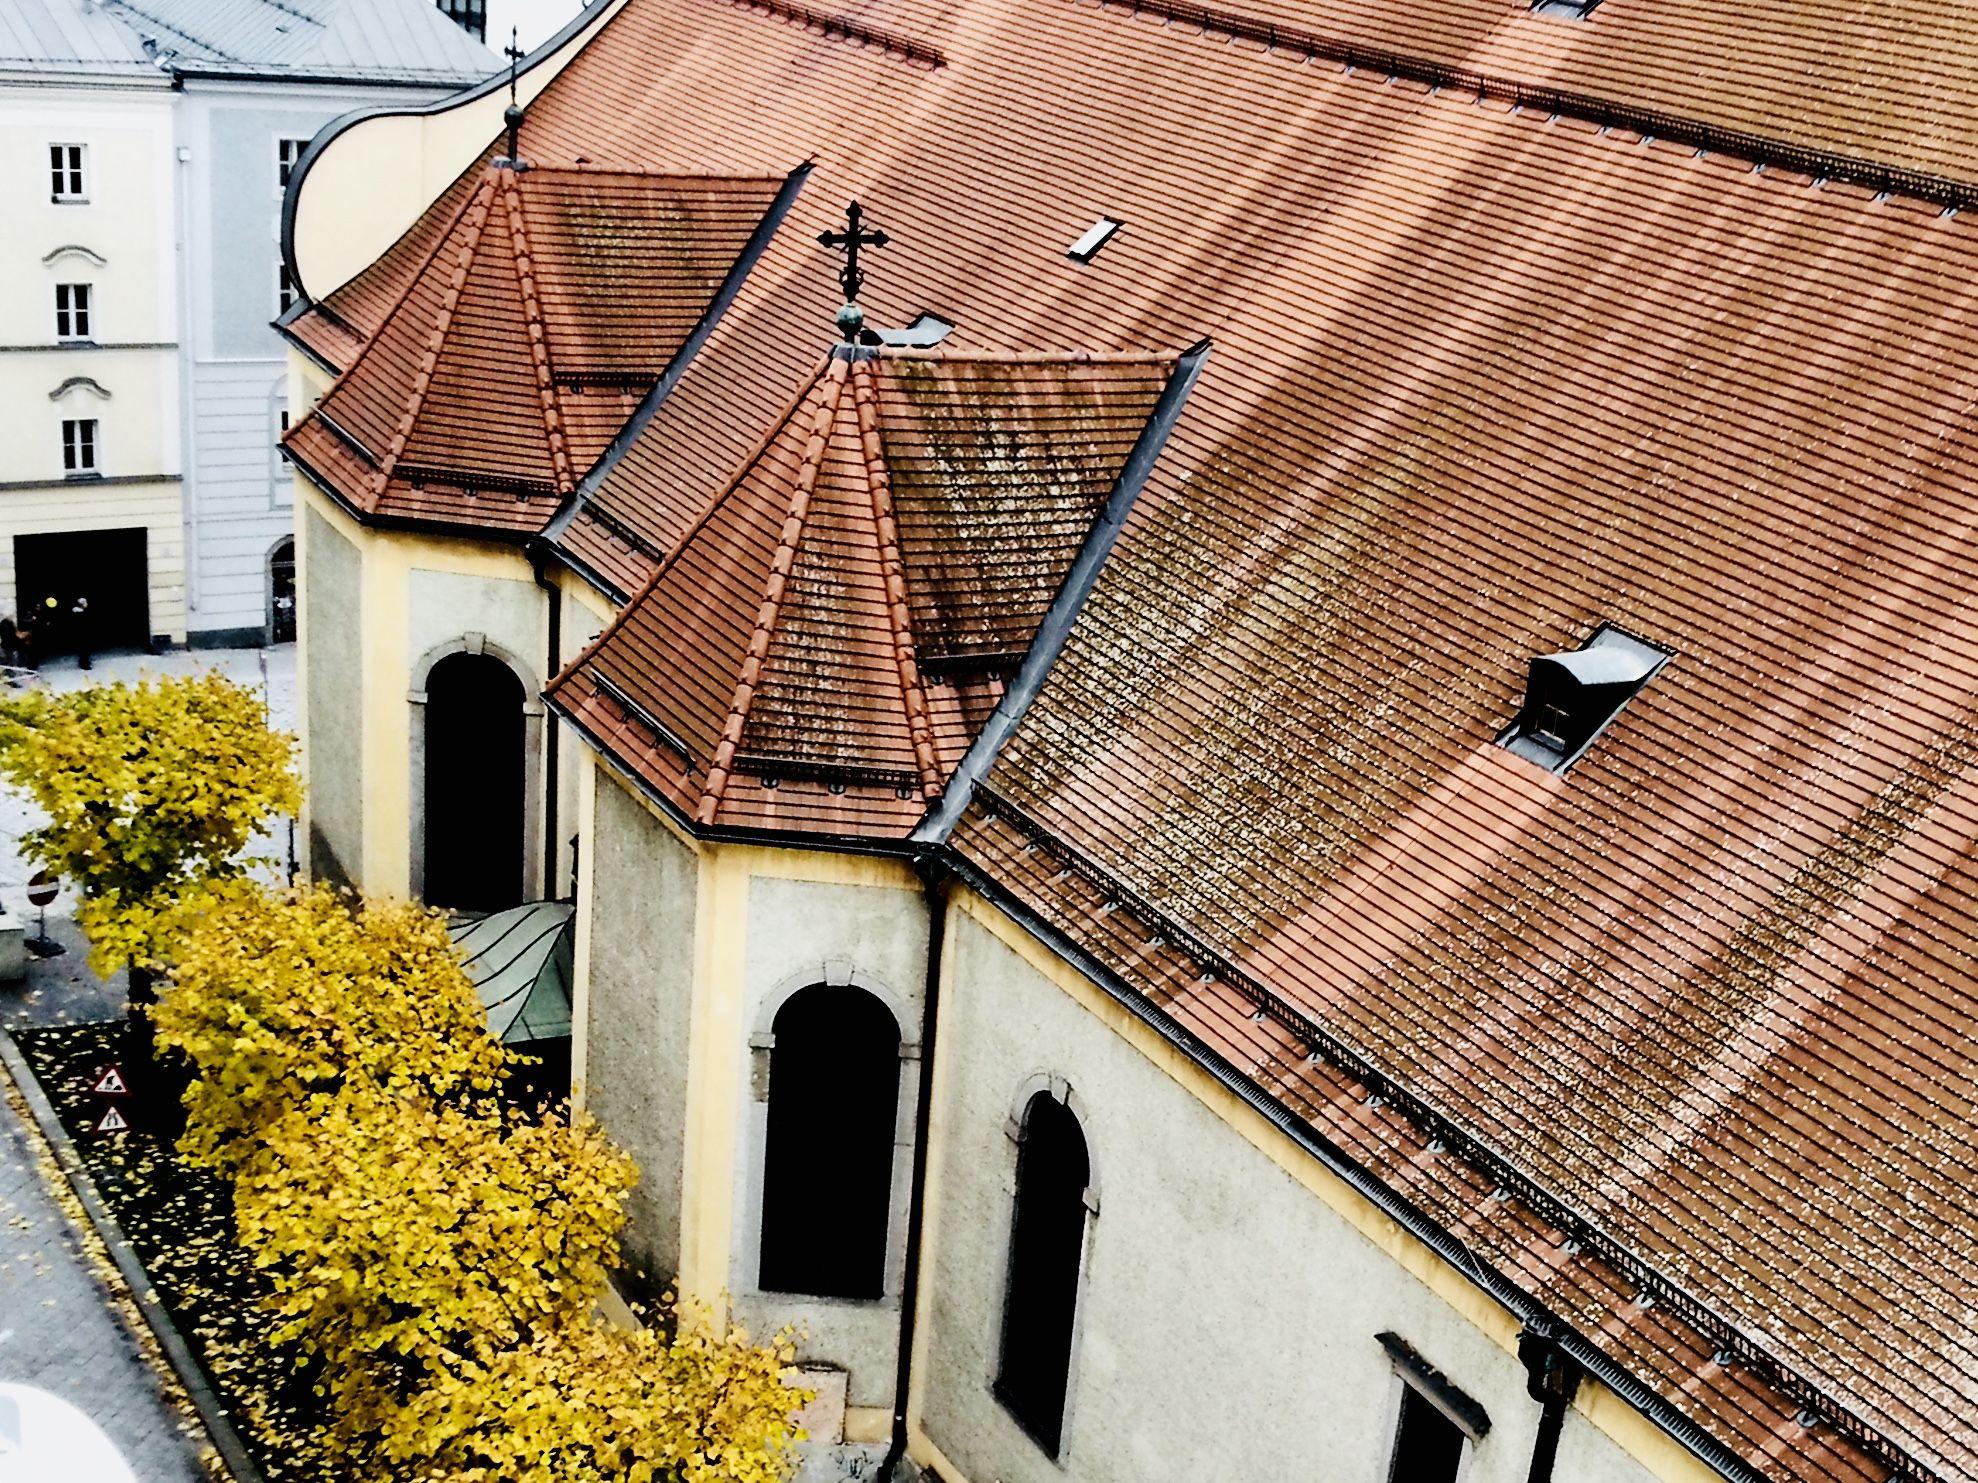 Msm Architekten linz central town church made by msm photography breathtaking